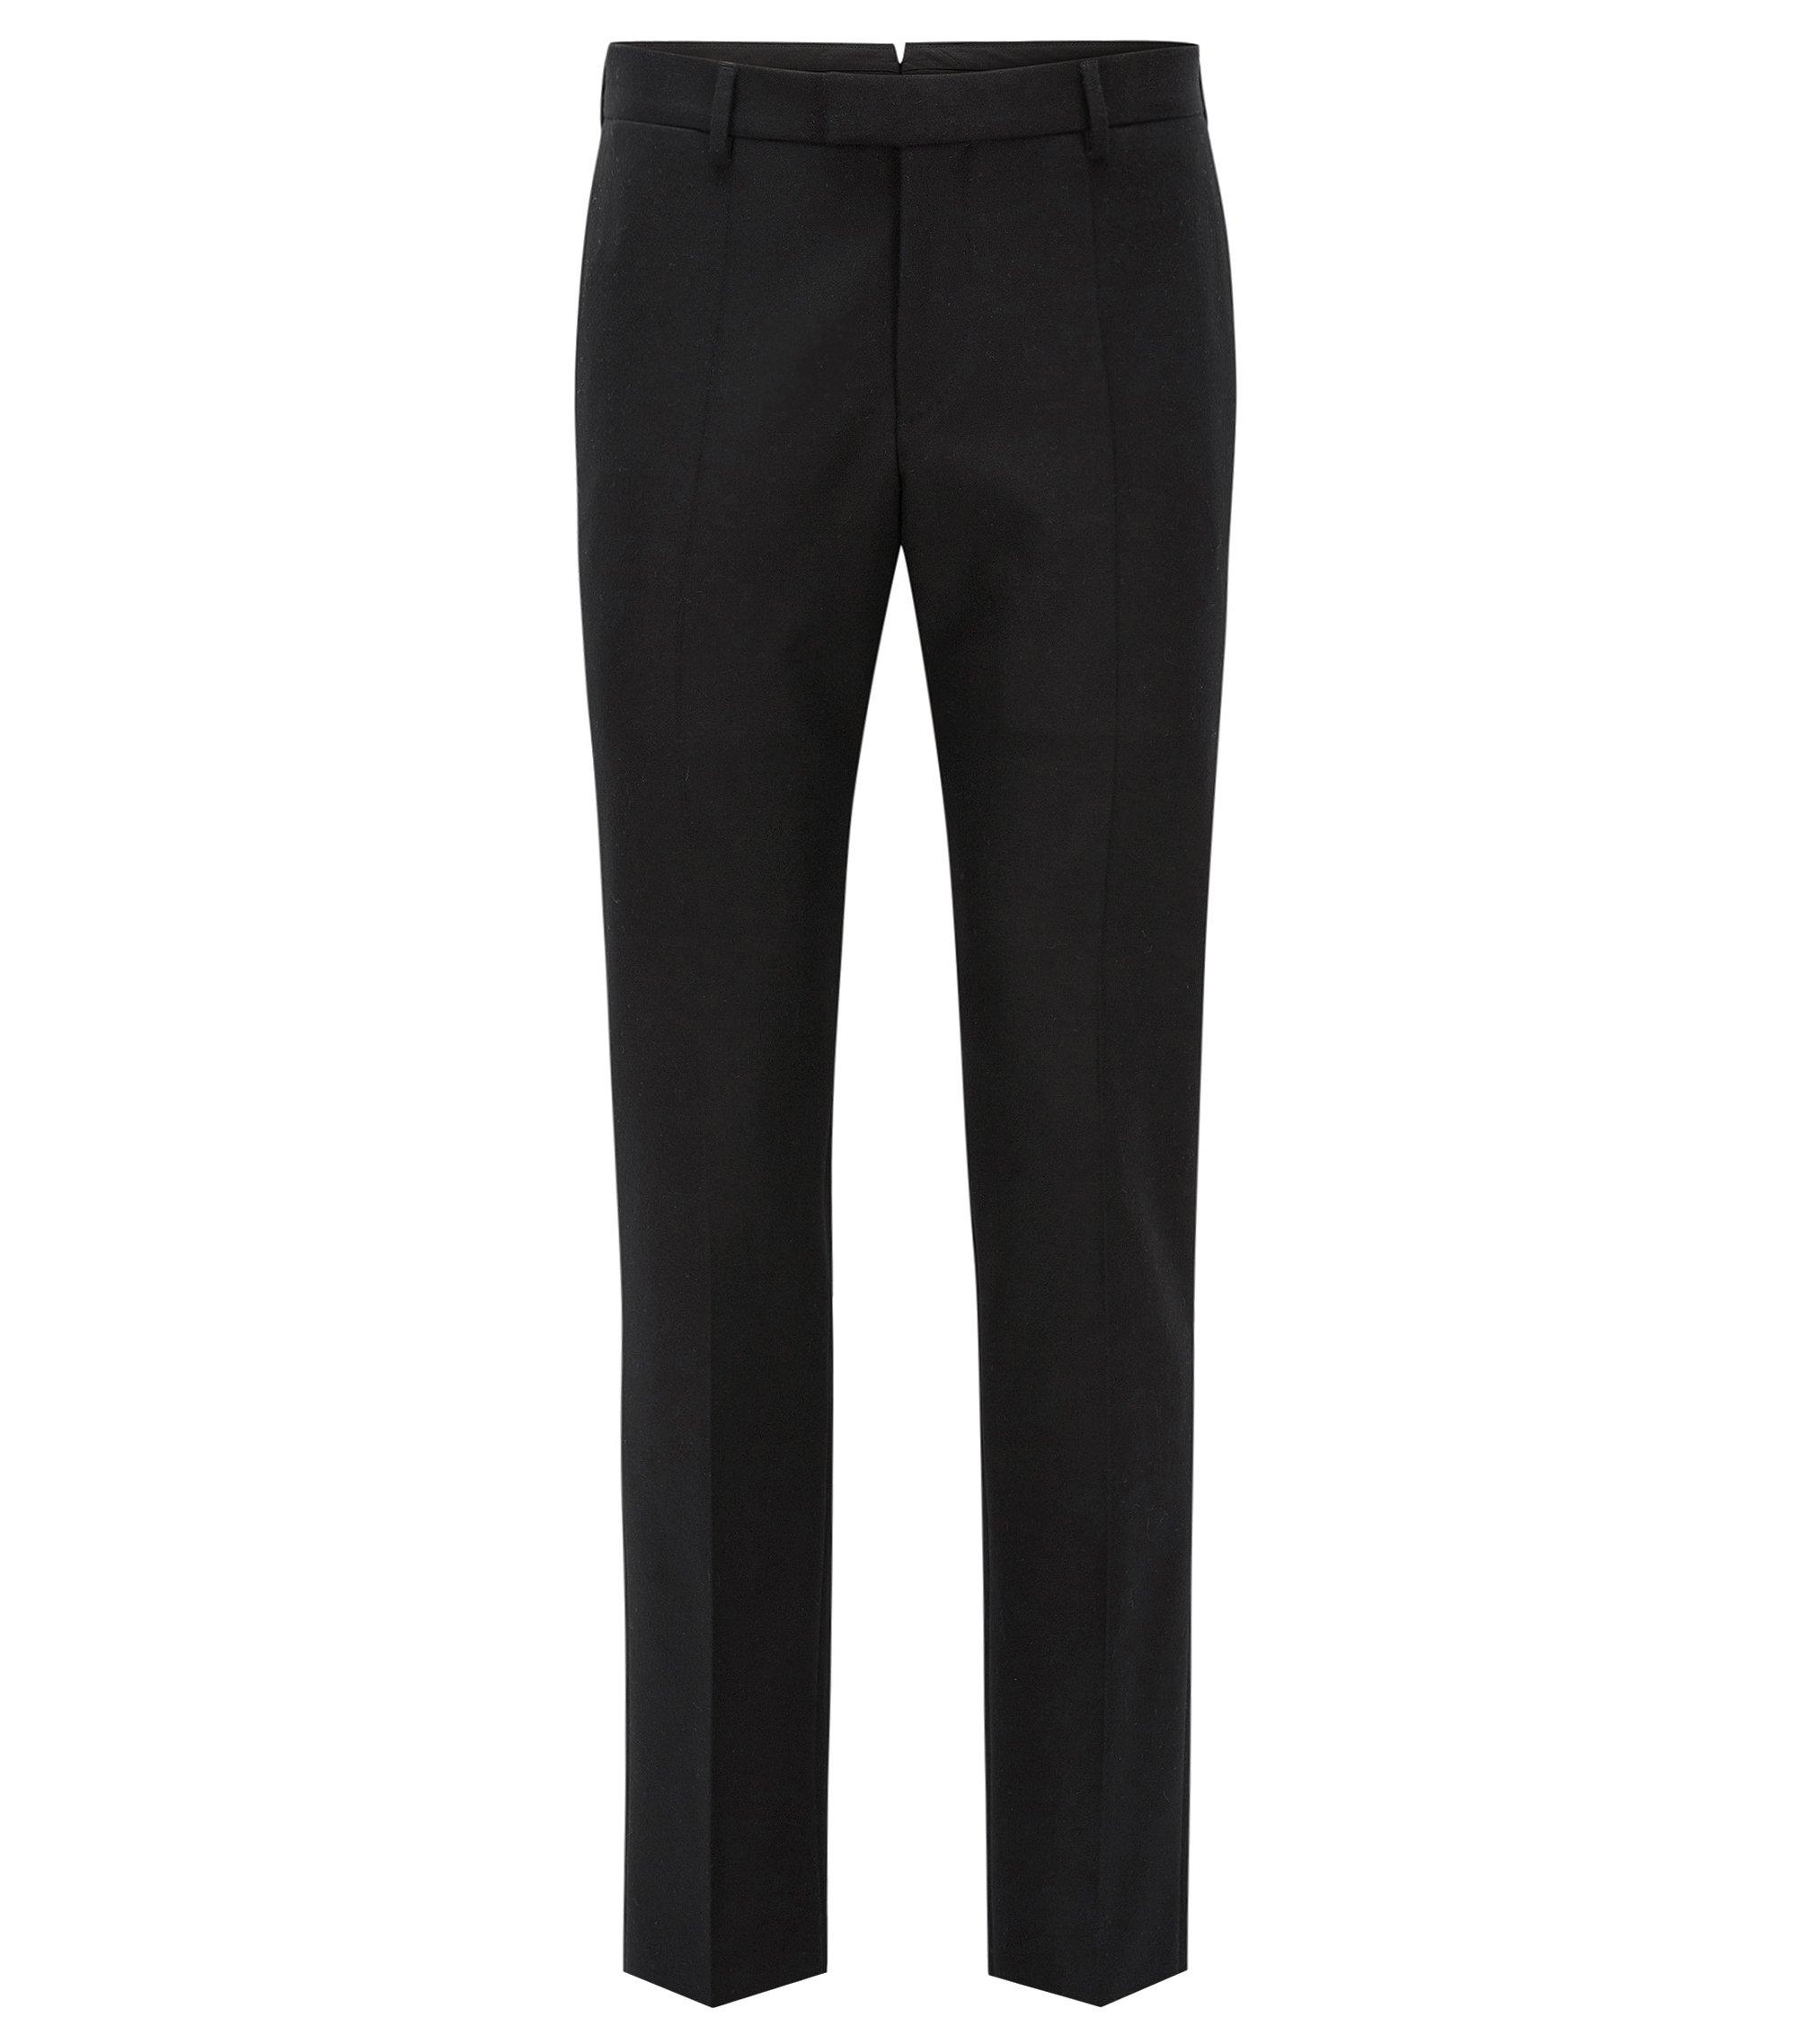 Virgin Wool Pant, Slim Fit | T-Gary, Black